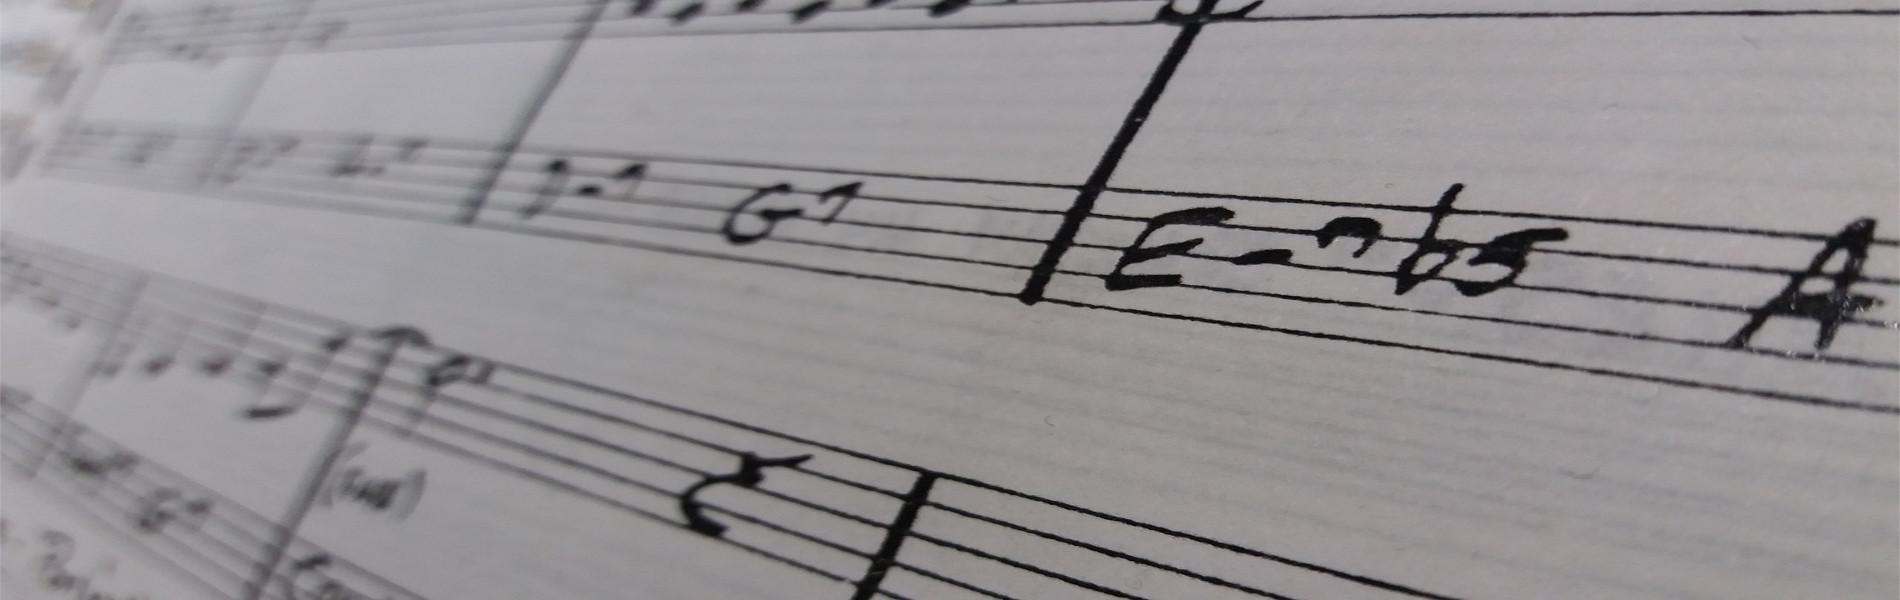 Canção a melhor vibração